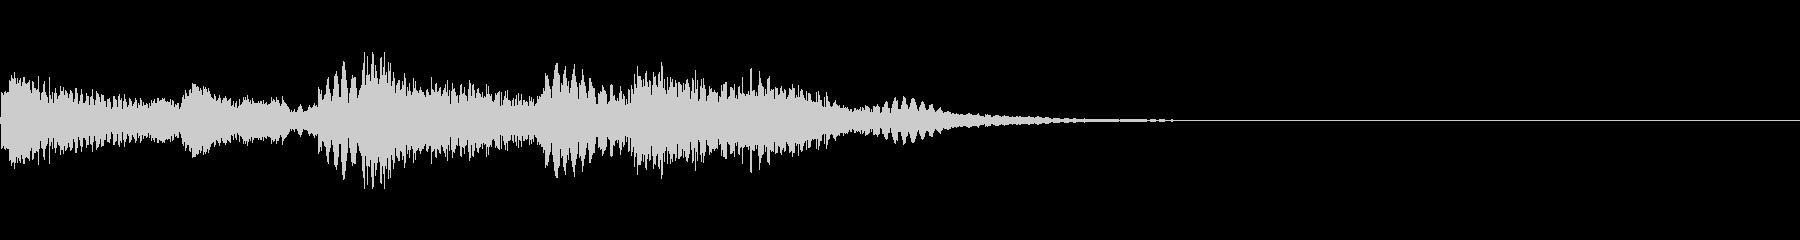 シンプルかつ軽やかなピアノジングルの未再生の波形